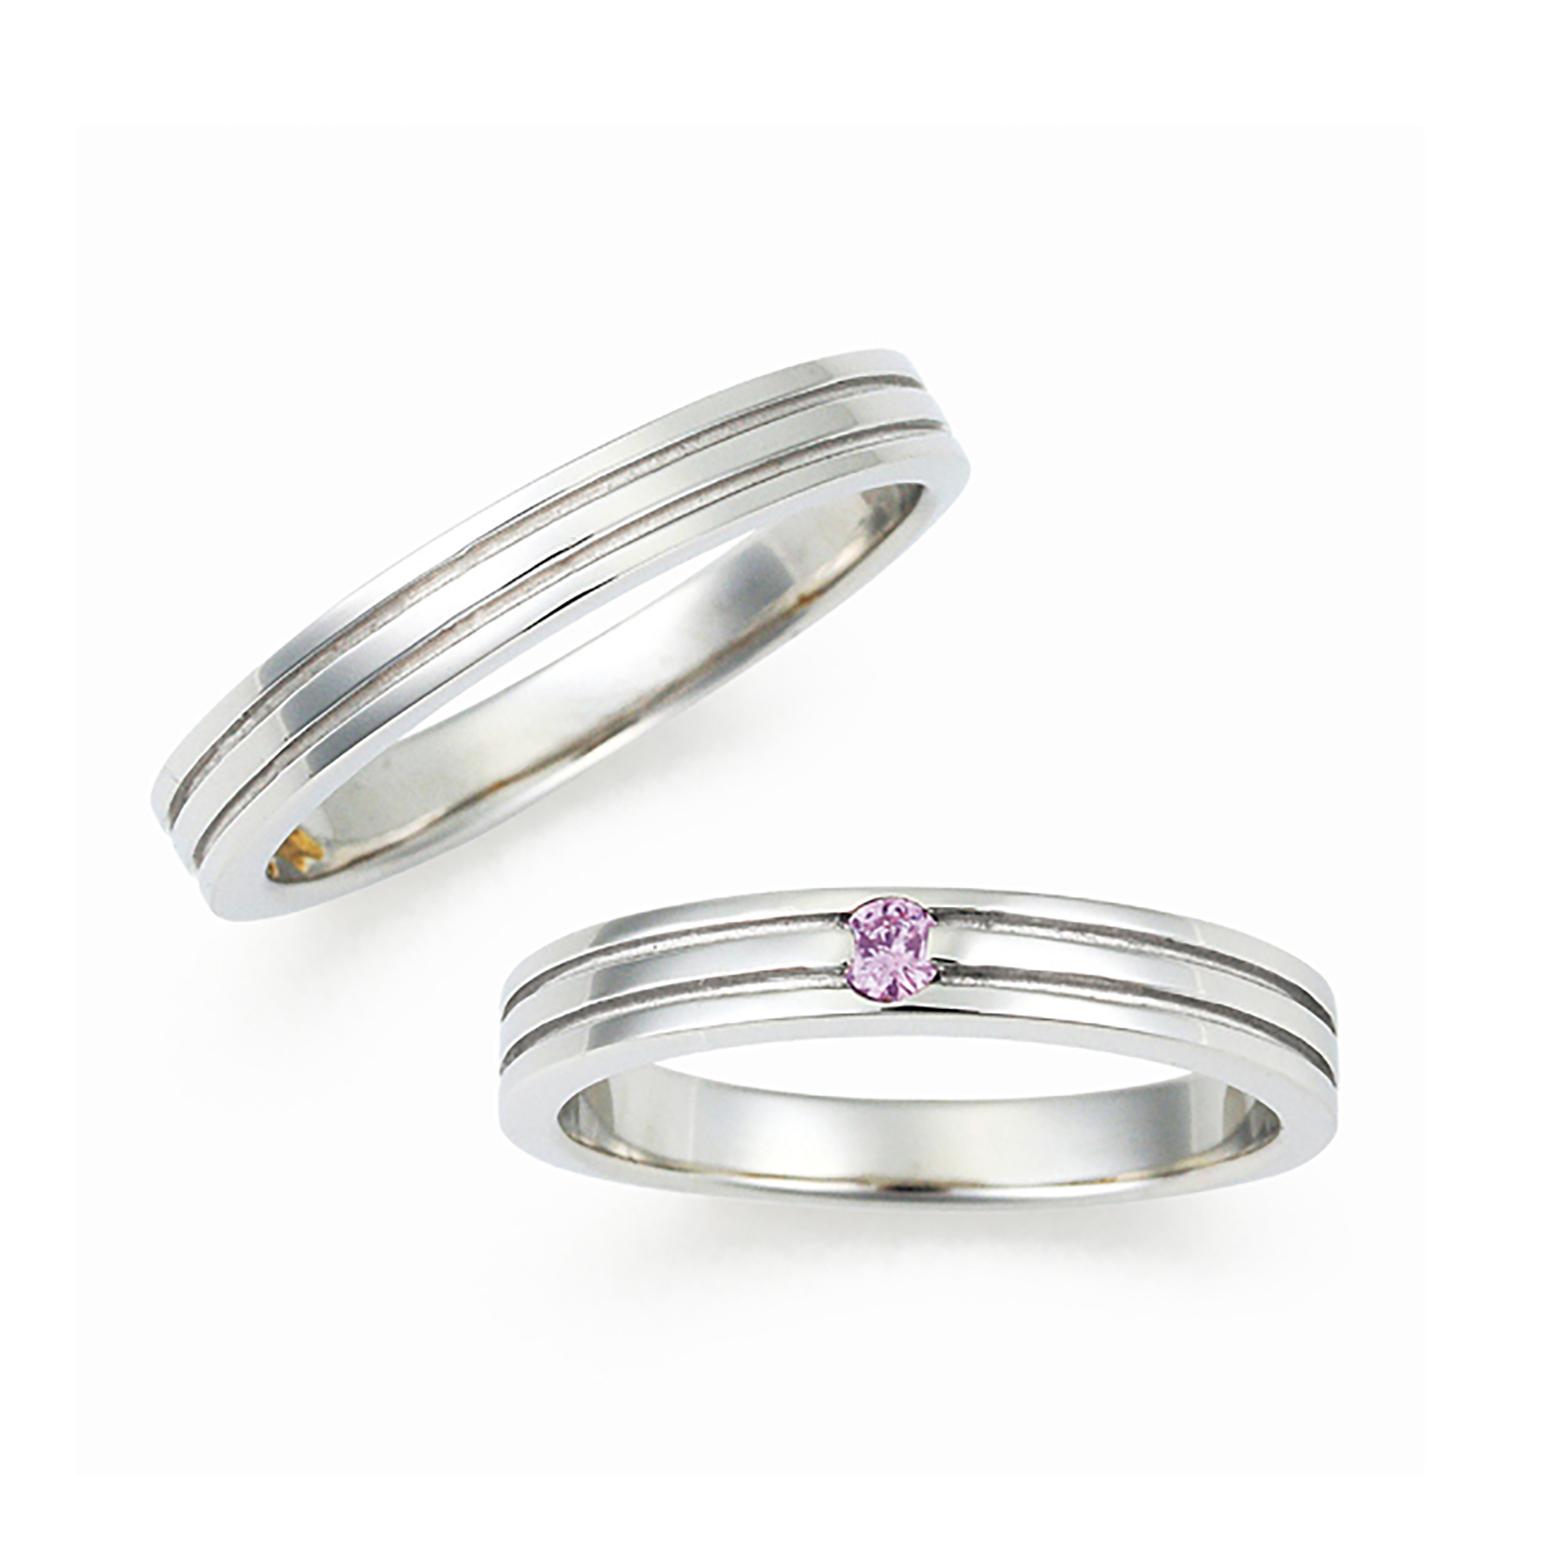 平打ちのリングに2本のラインが入ったカッコいいタイプの結婚指輪(マリッジリング)レディースには天然ピンクダイヤモンドが一粒入っています。